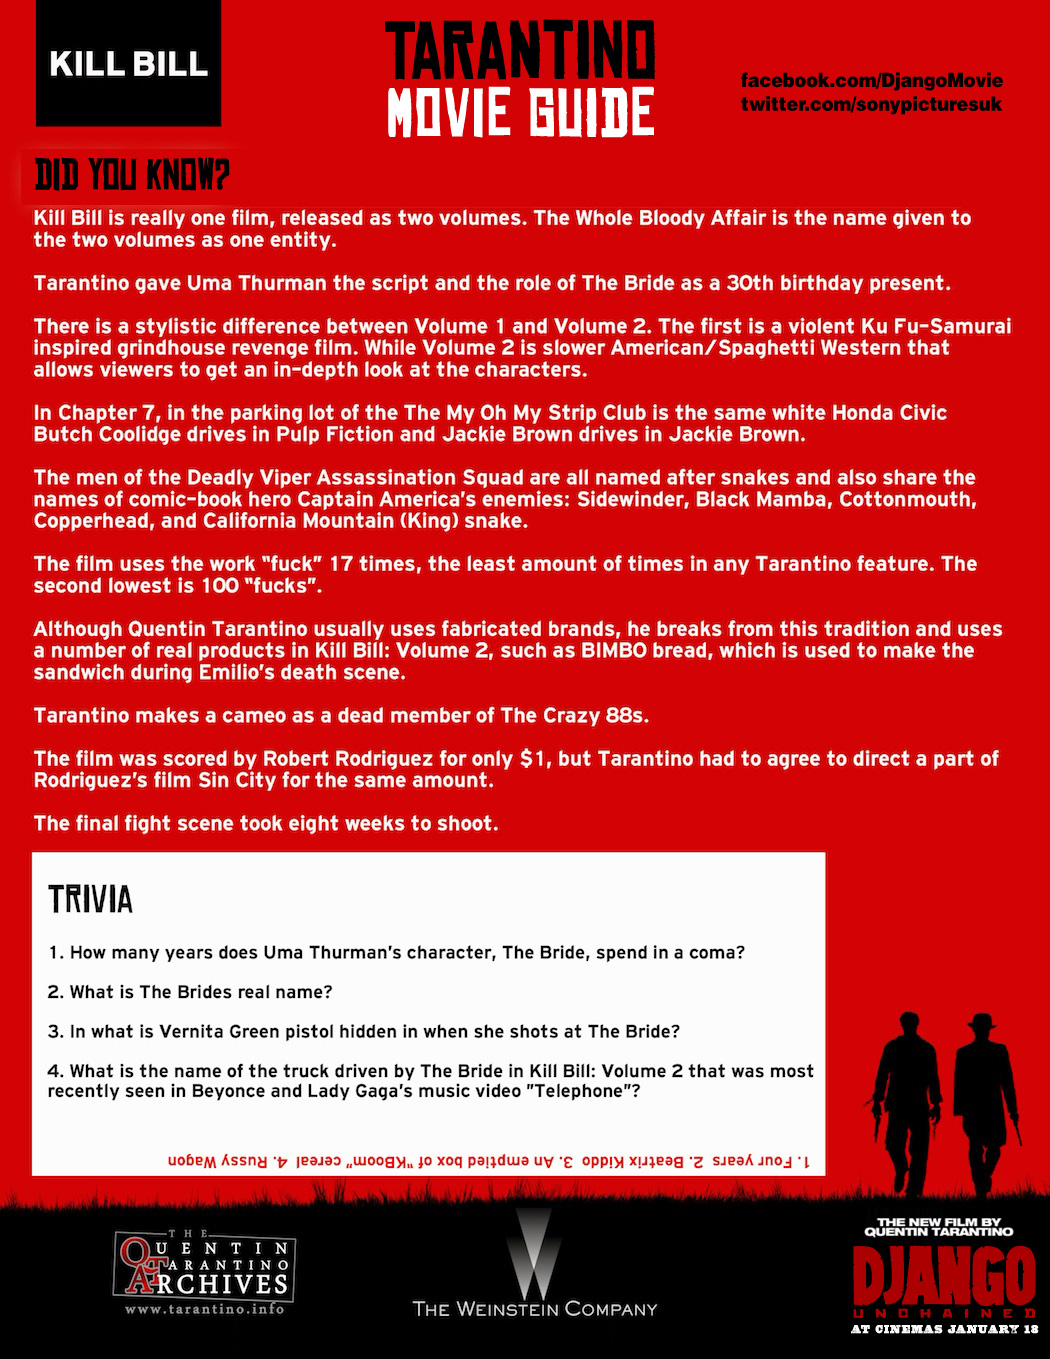 Tarantino Movie Guide - Kill Bill